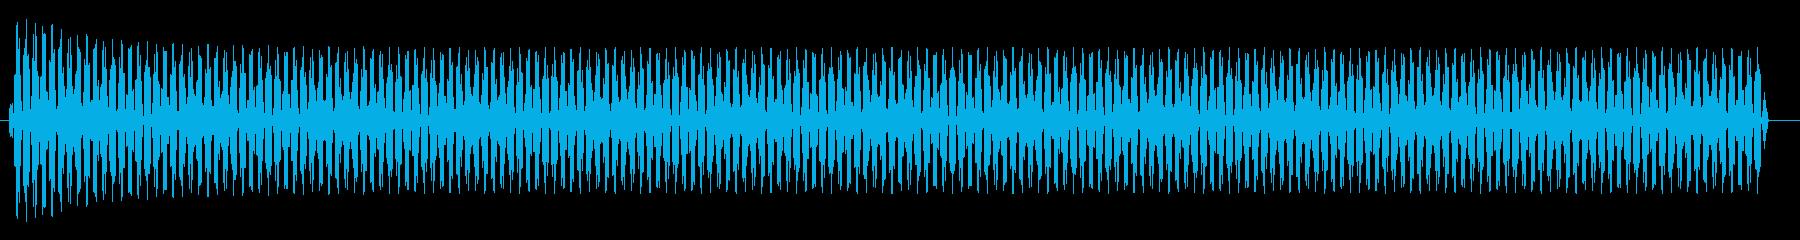 電話3の再生済みの波形